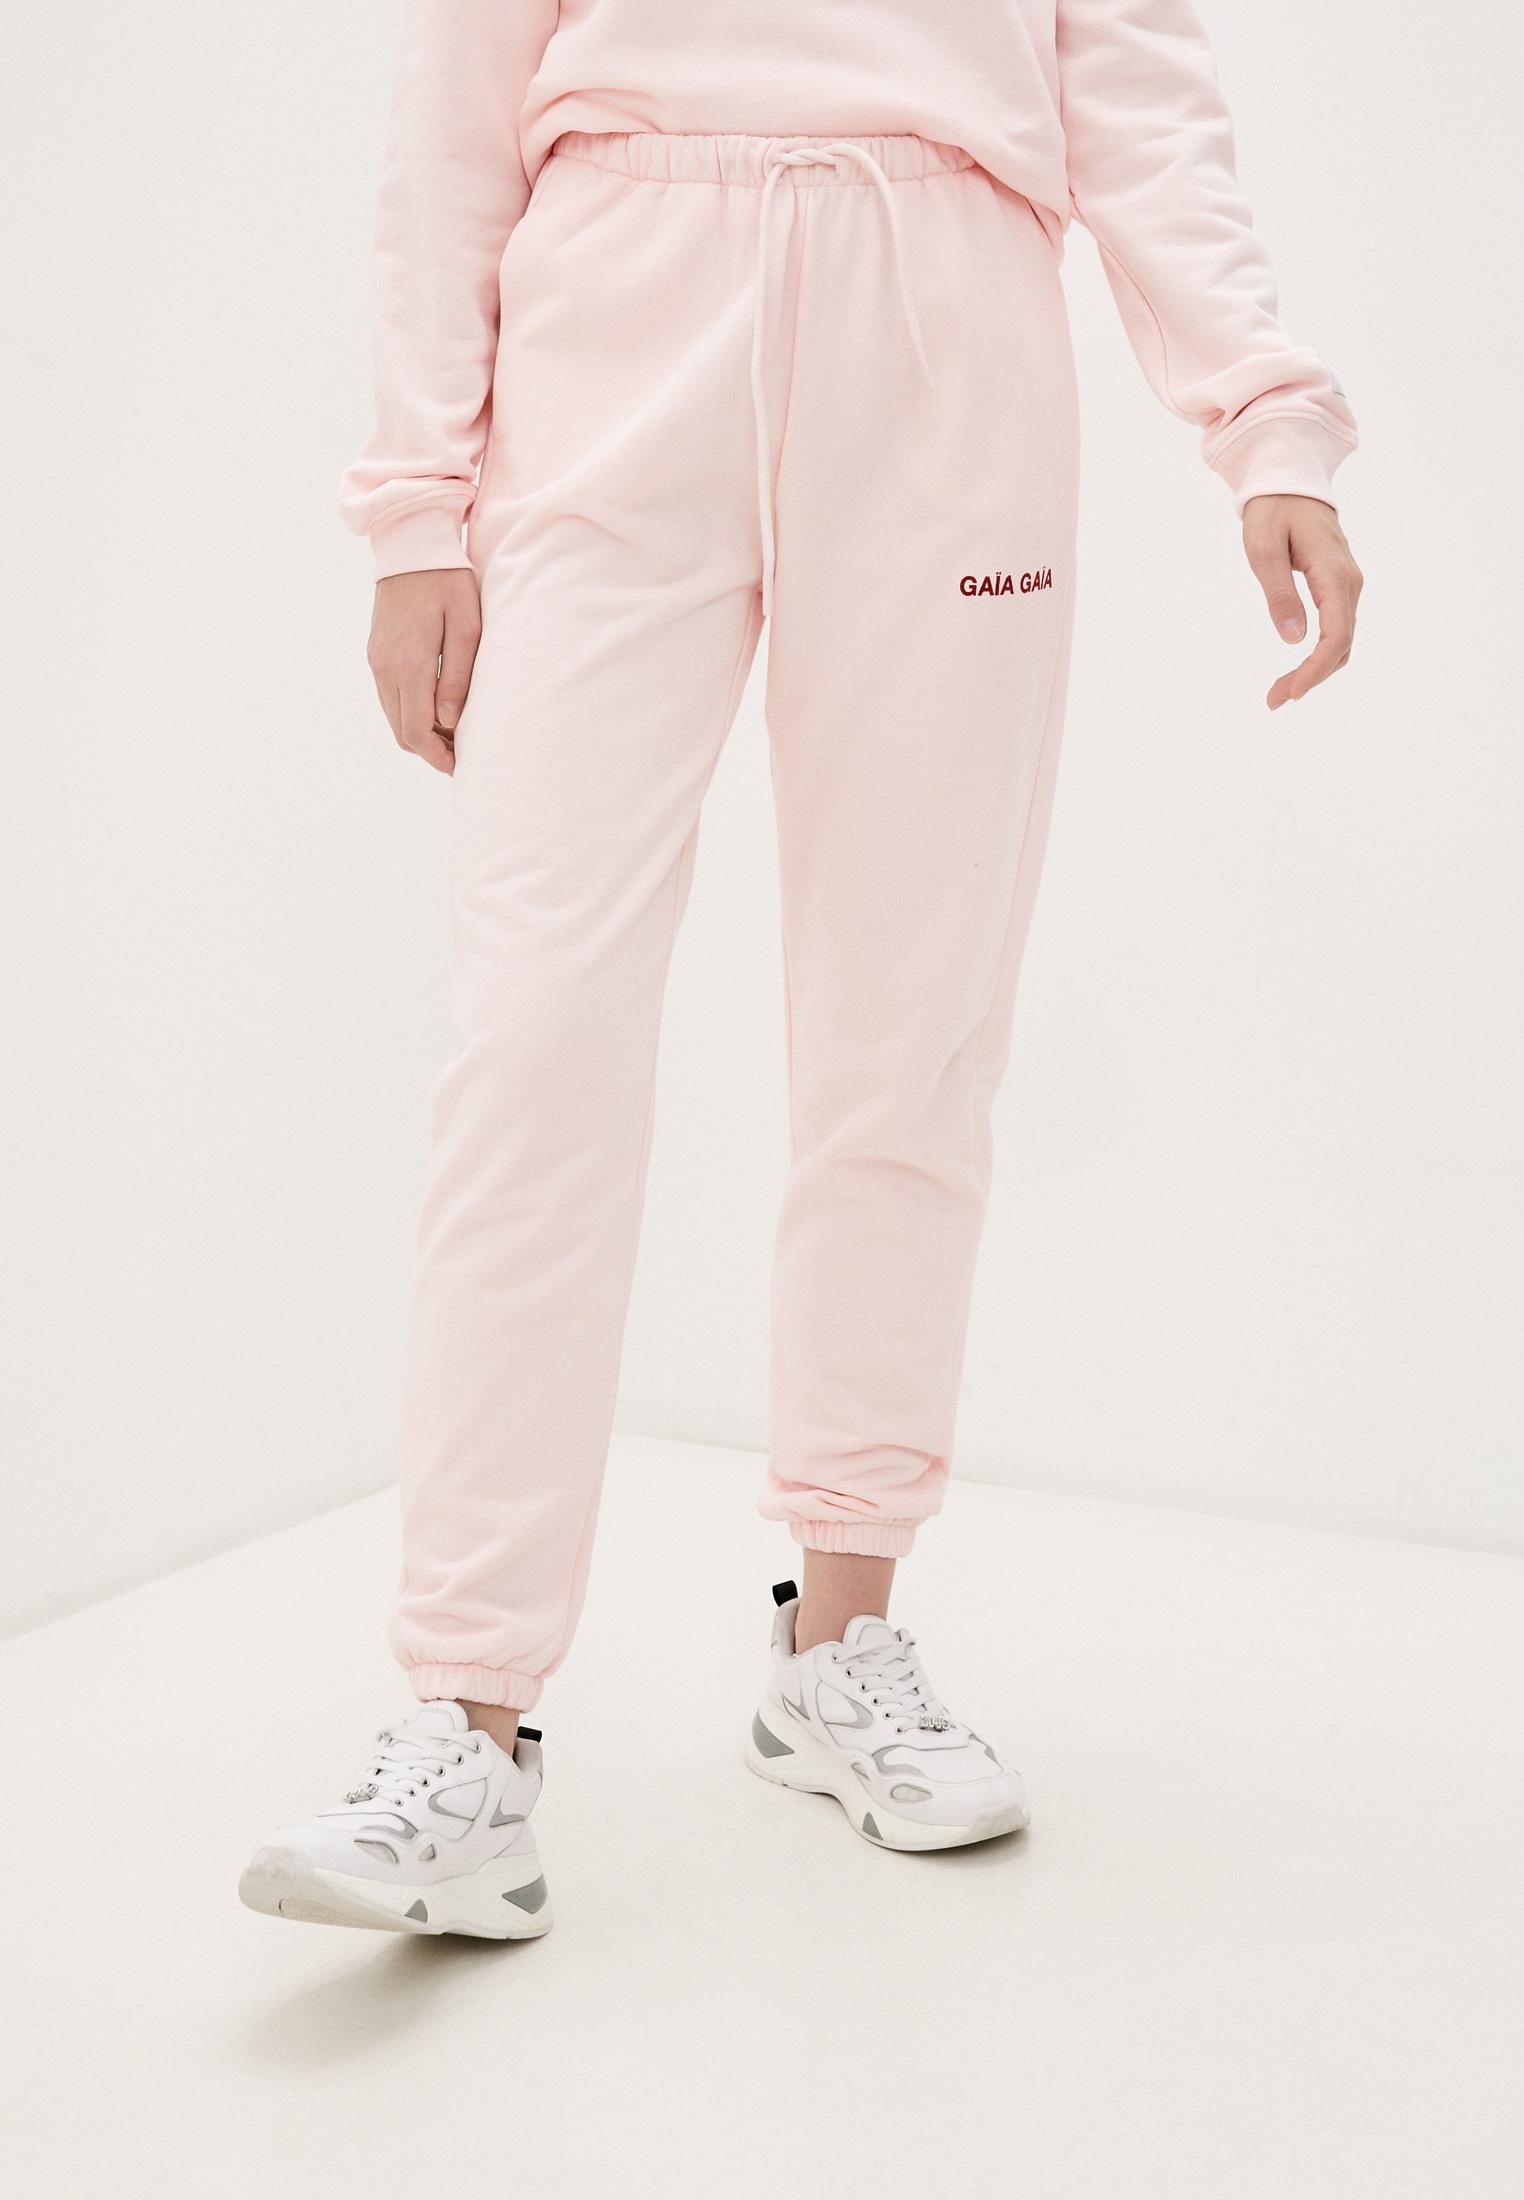 Женские спортивные брюки Gaia Gaia GGE2-0026